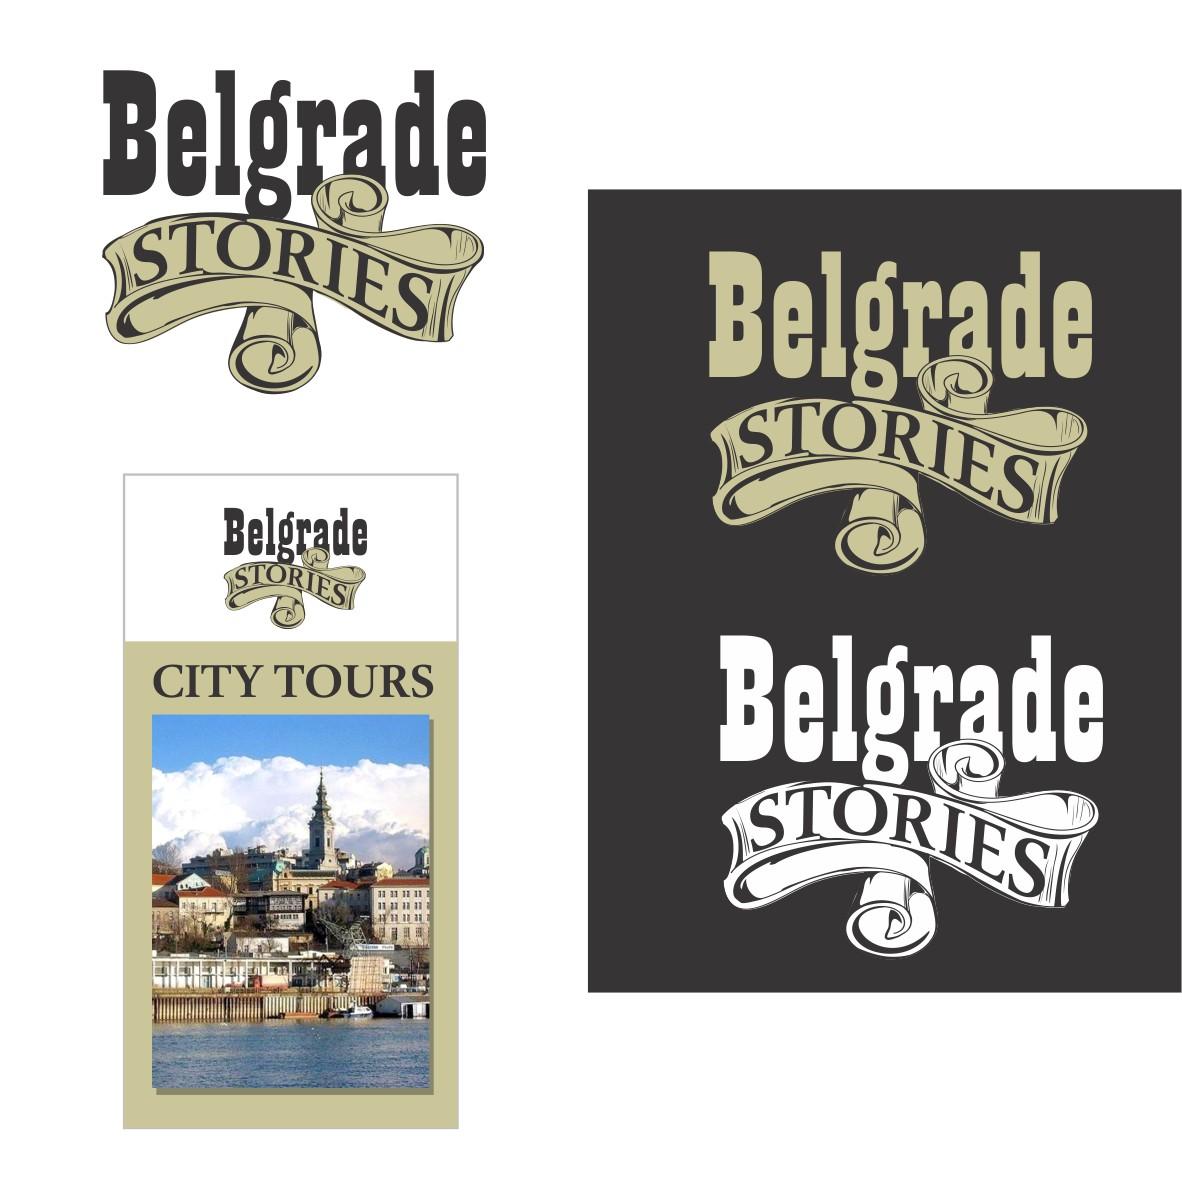 Логотип для агентства городских туров в Белграде фото f_1665891b106a51b6.jpg